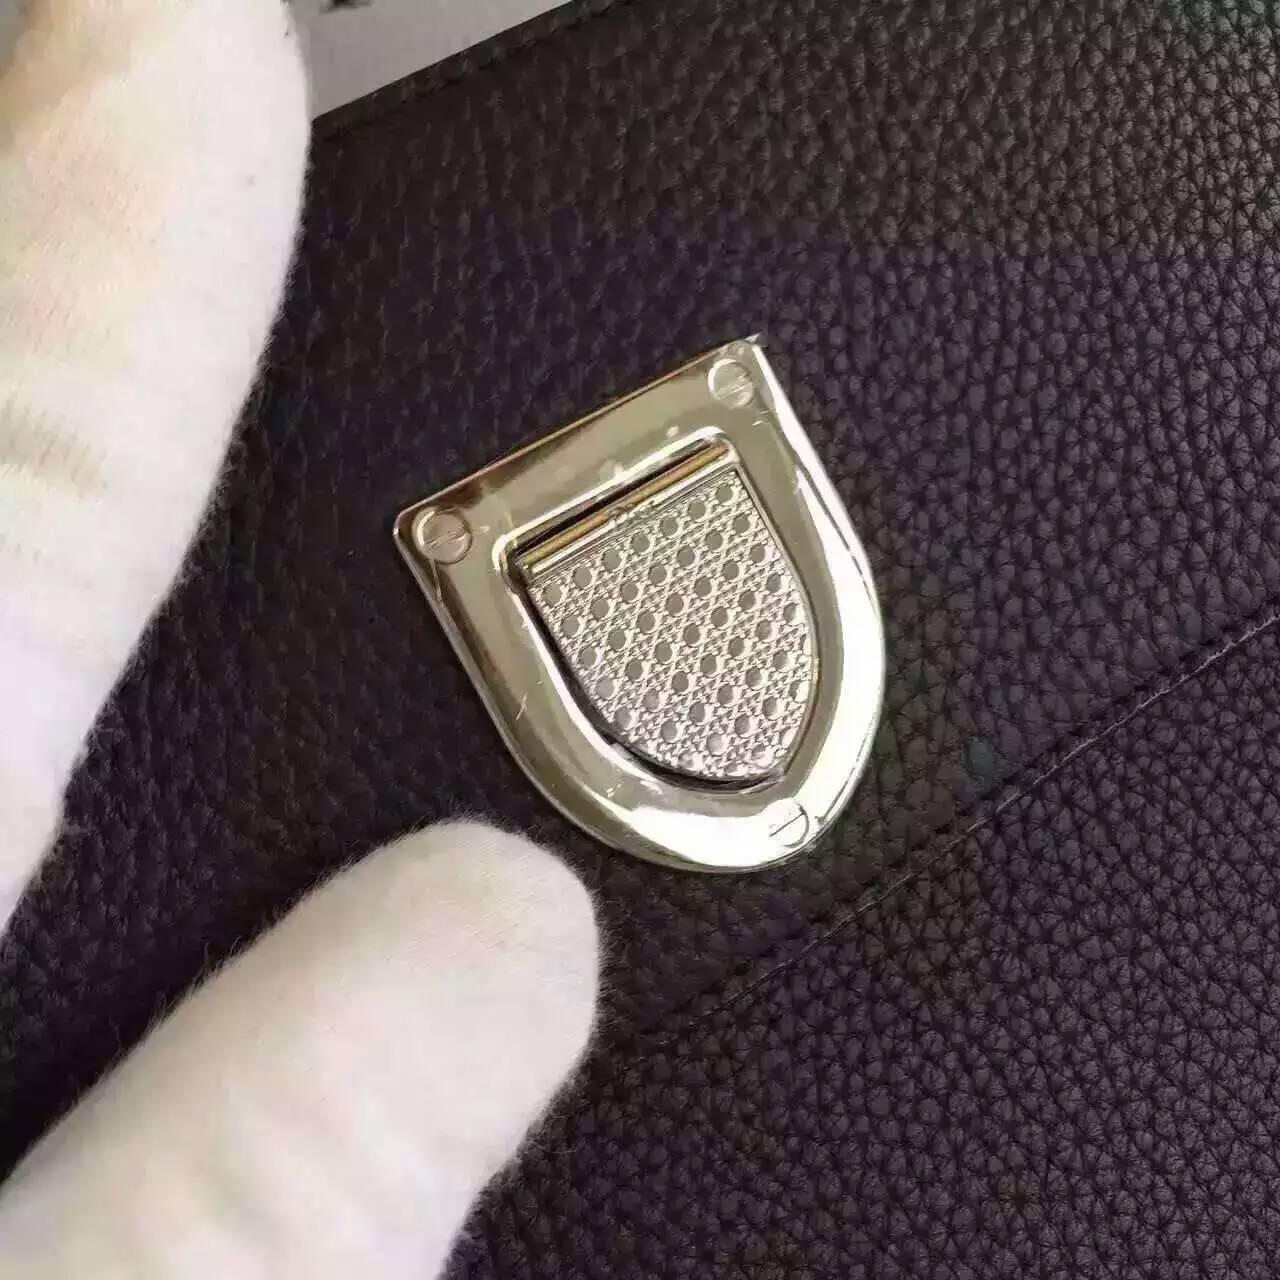 迪奥2016年新款女包 黑色原版荔枝纹牛皮Diorever手提包30cm